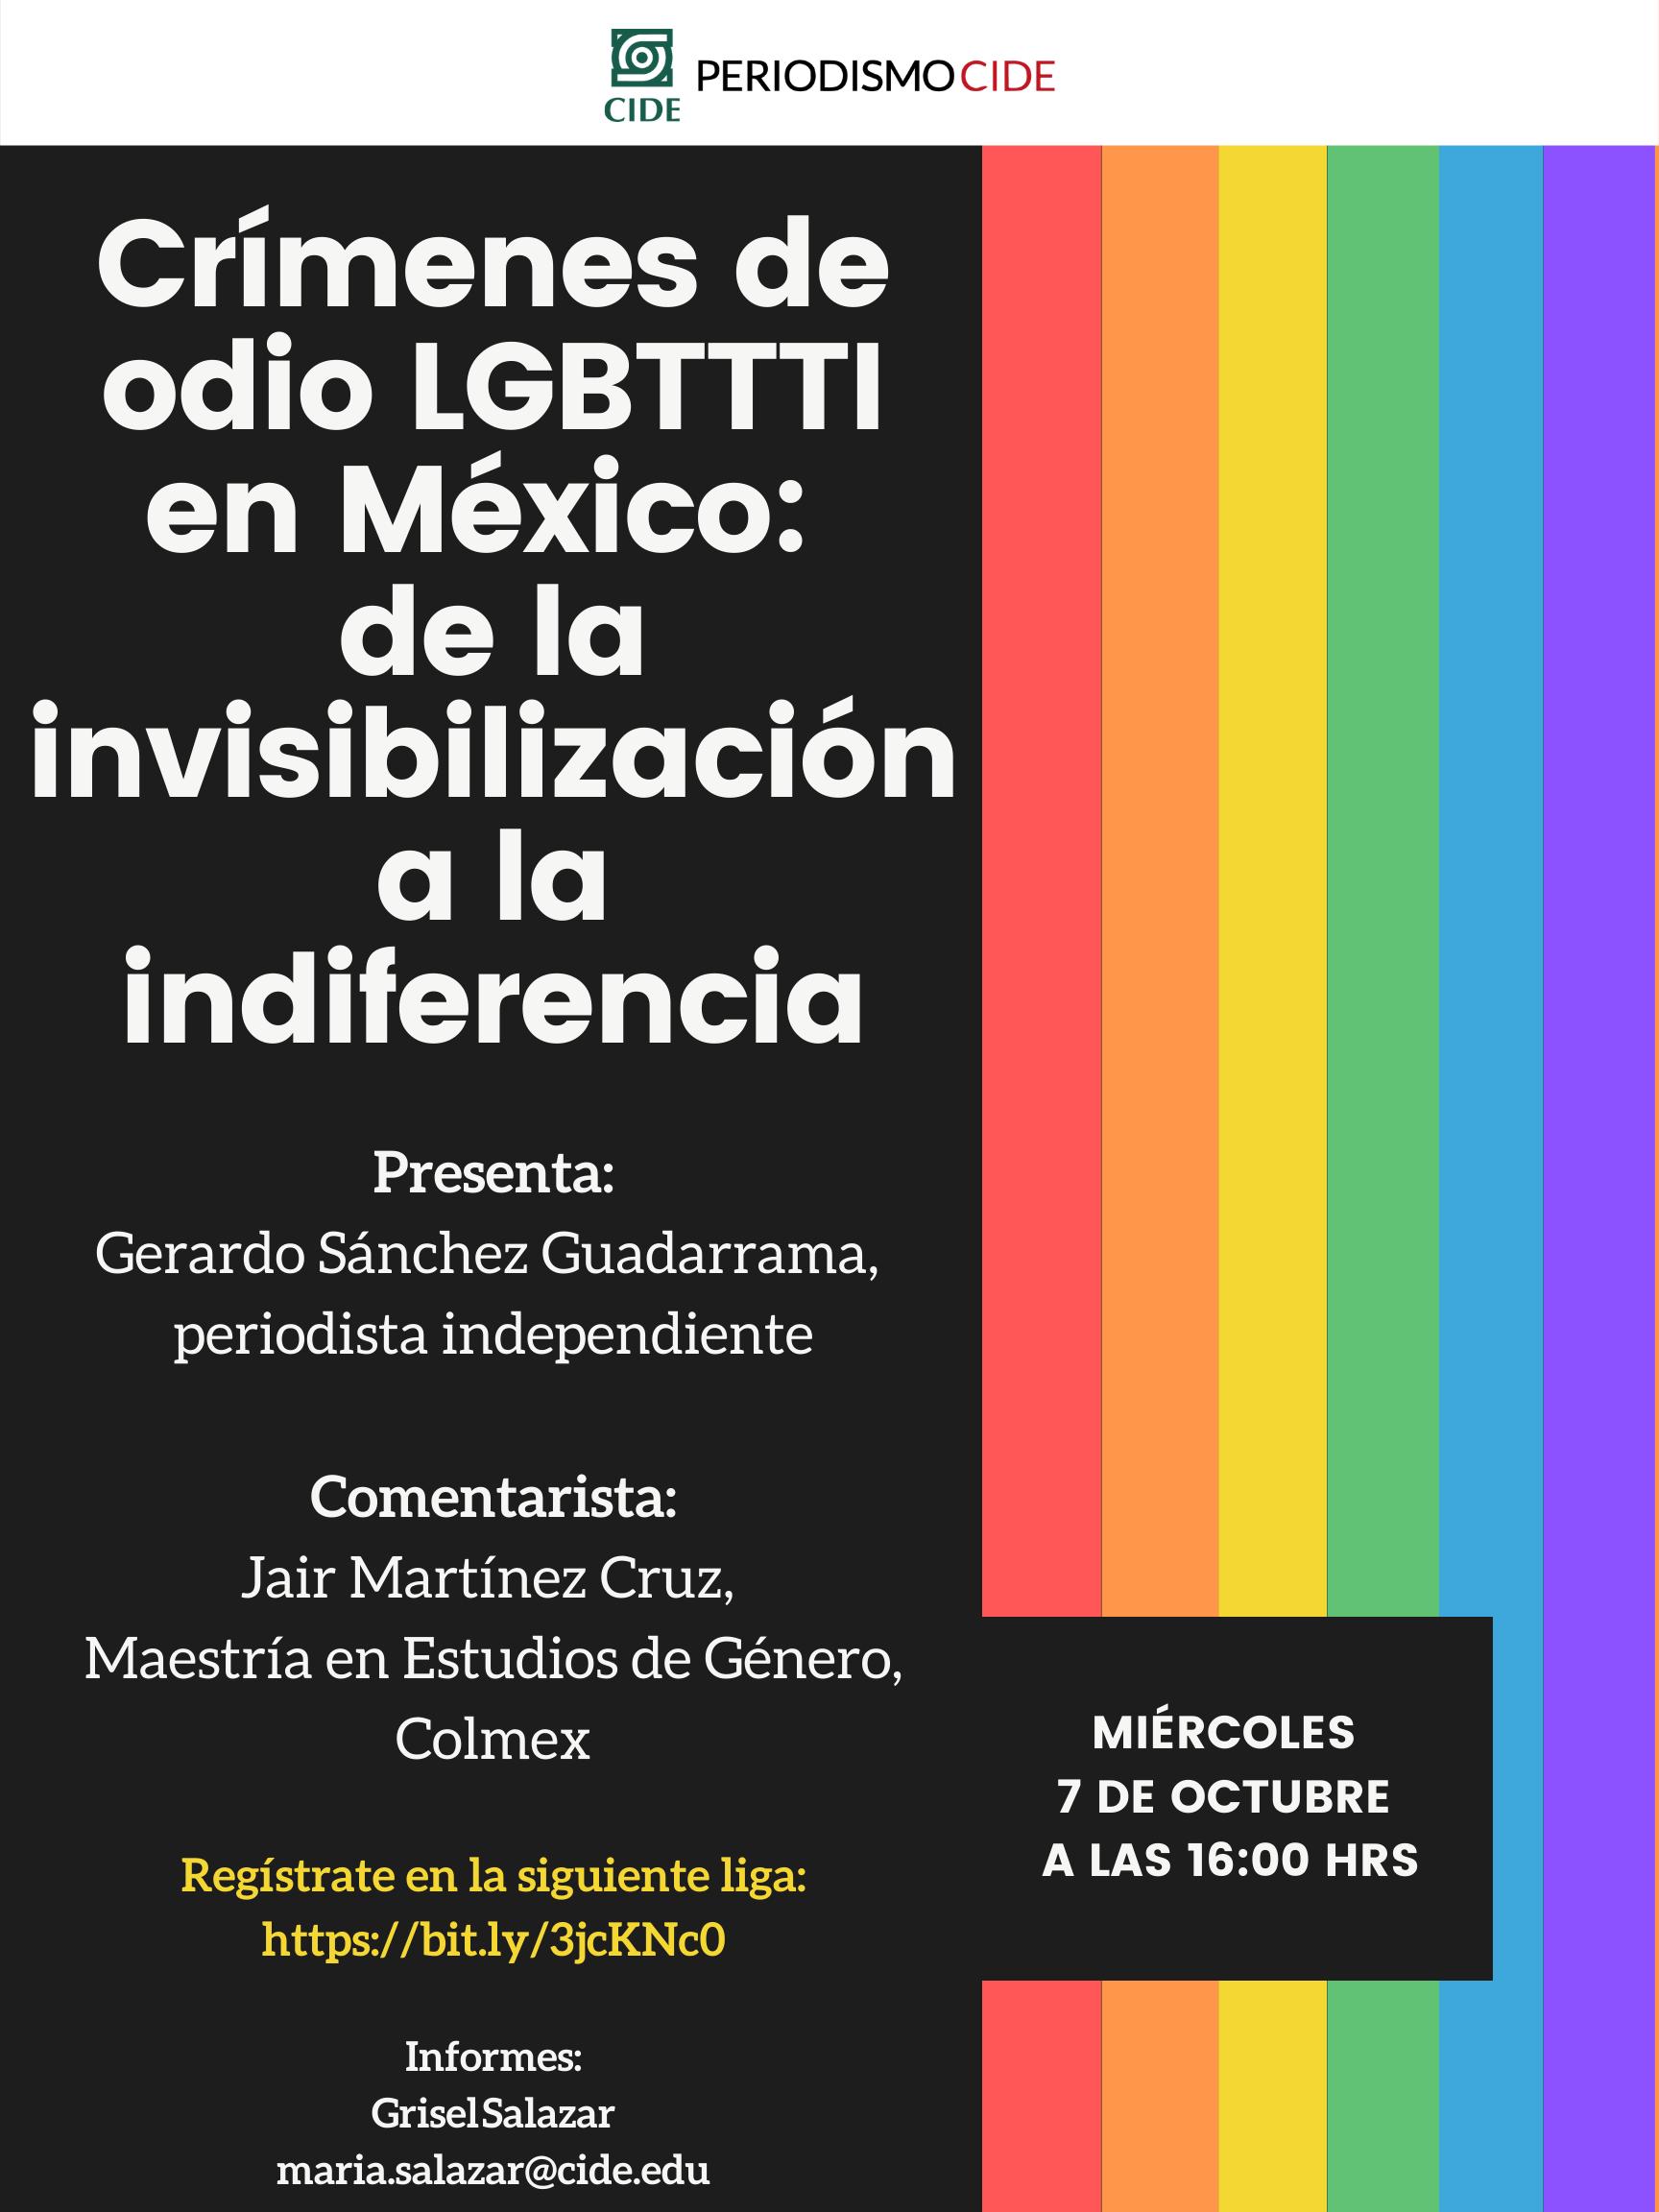 Seminario Interdisciplinario de Prensa y Poder: Crímenes de odio LGBTTTI en México: de la invisibilización a la indiferencia